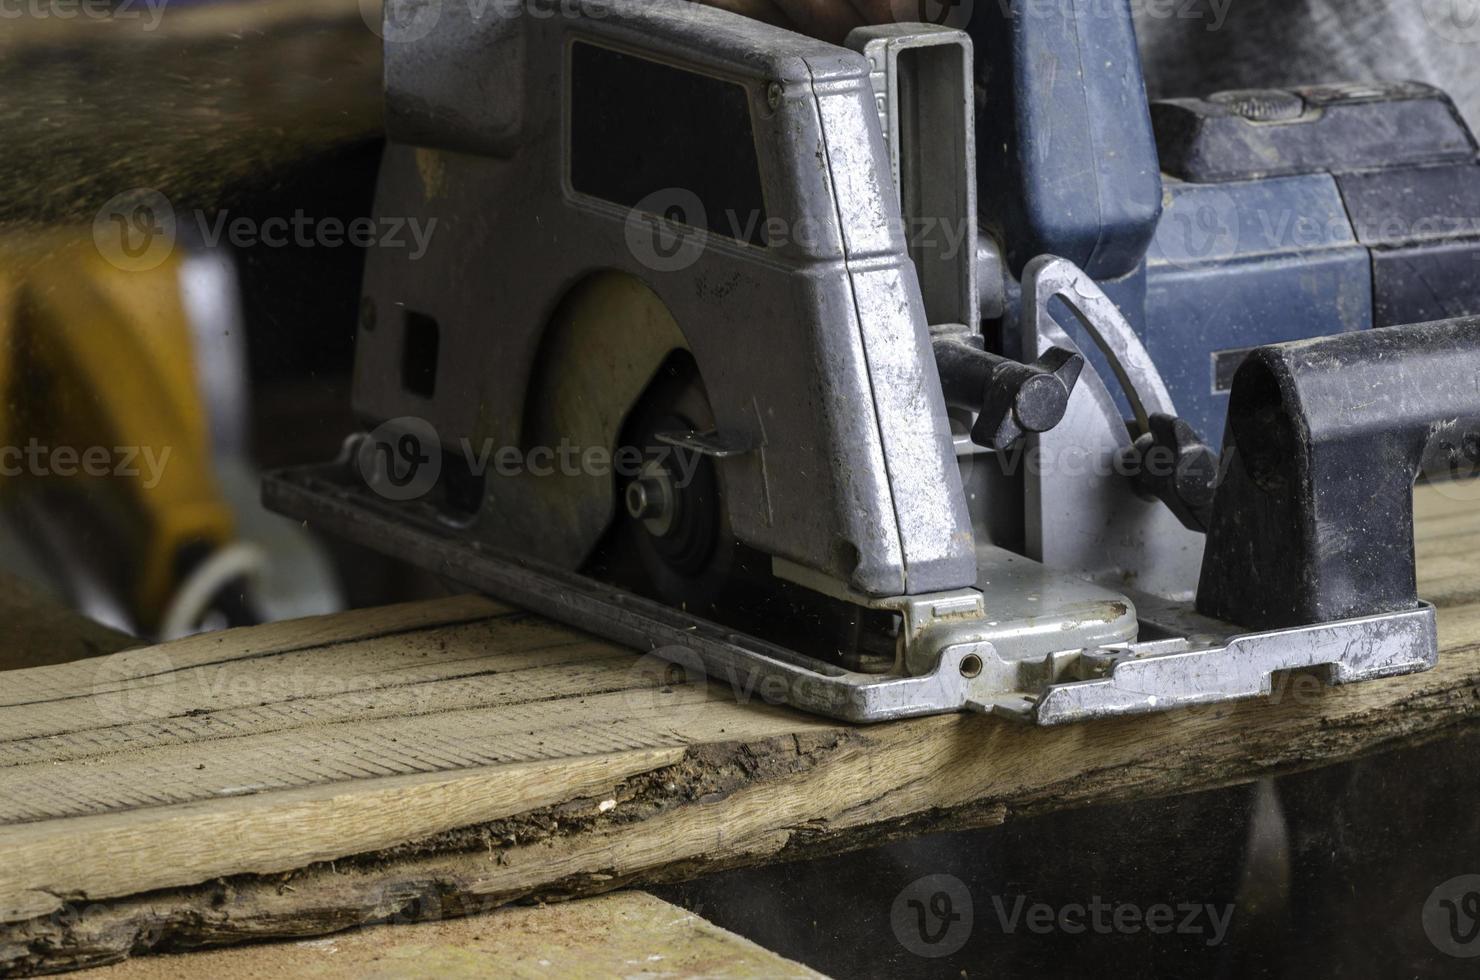 charpentier mâle coupe du bois. photo